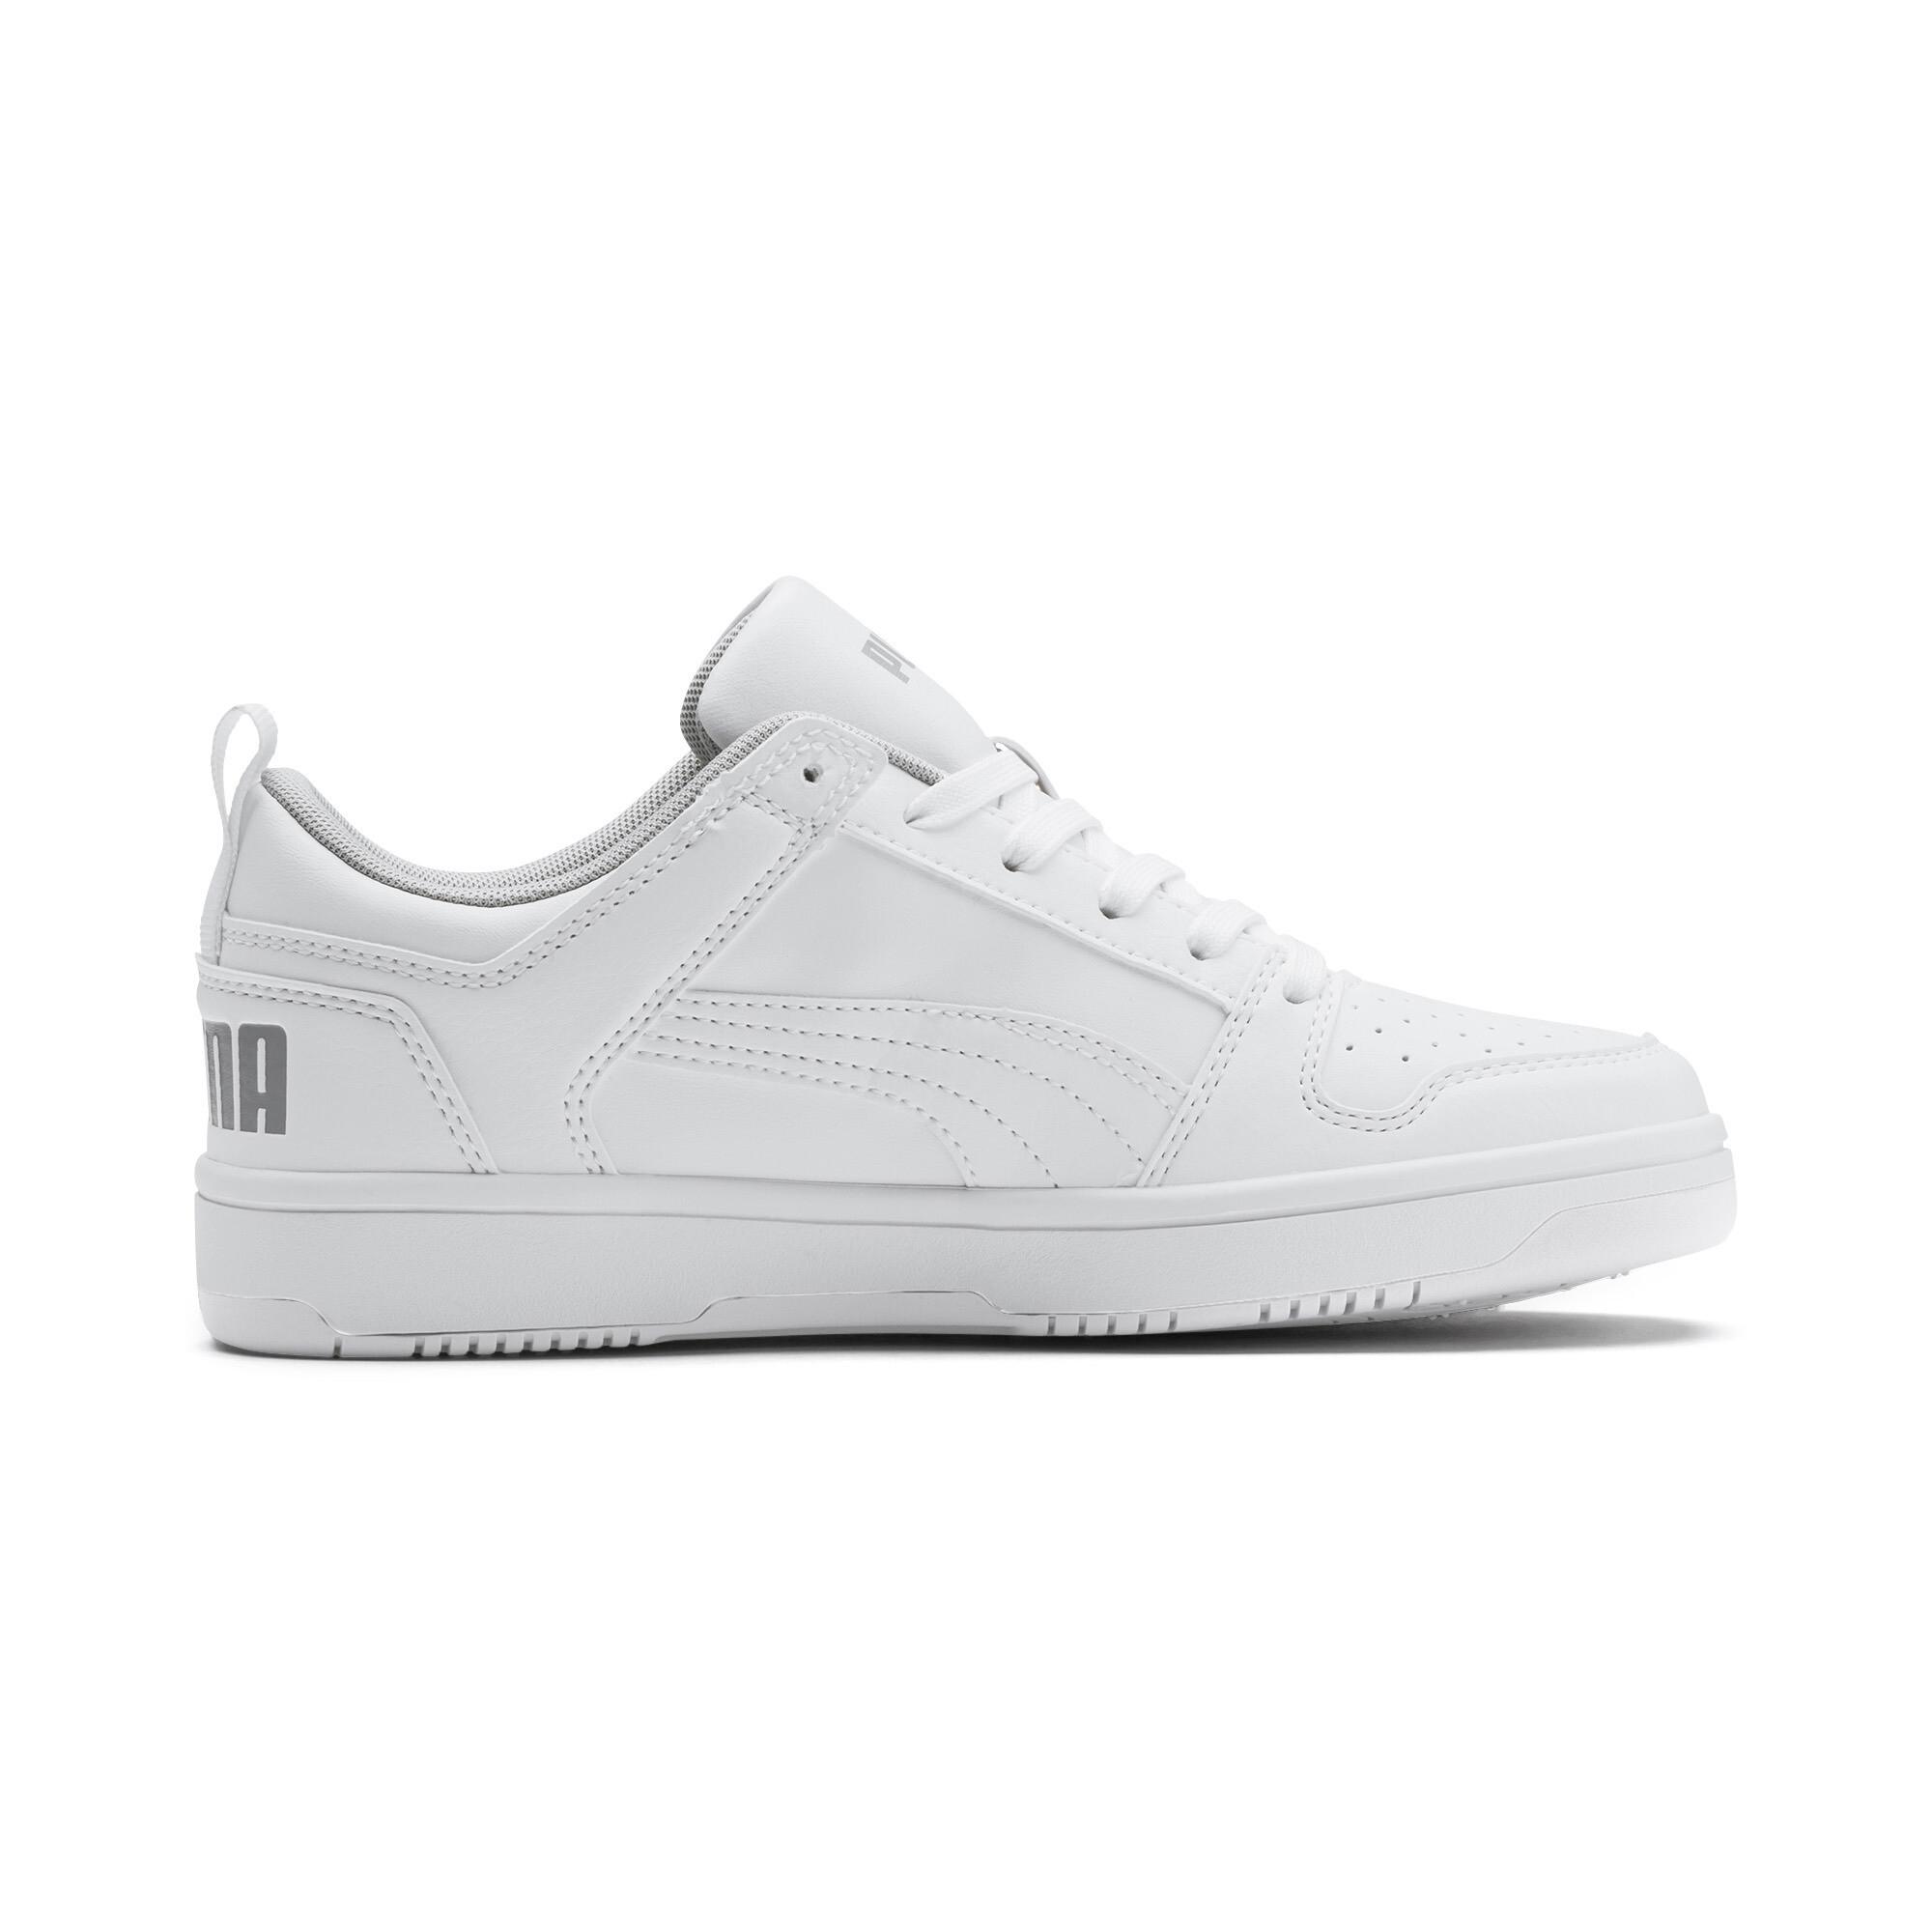 PUMA-PUMA-Rebound-LayUp-Lo-Sneakers-JR-Boys-Shoe-Kids thumbnail 6